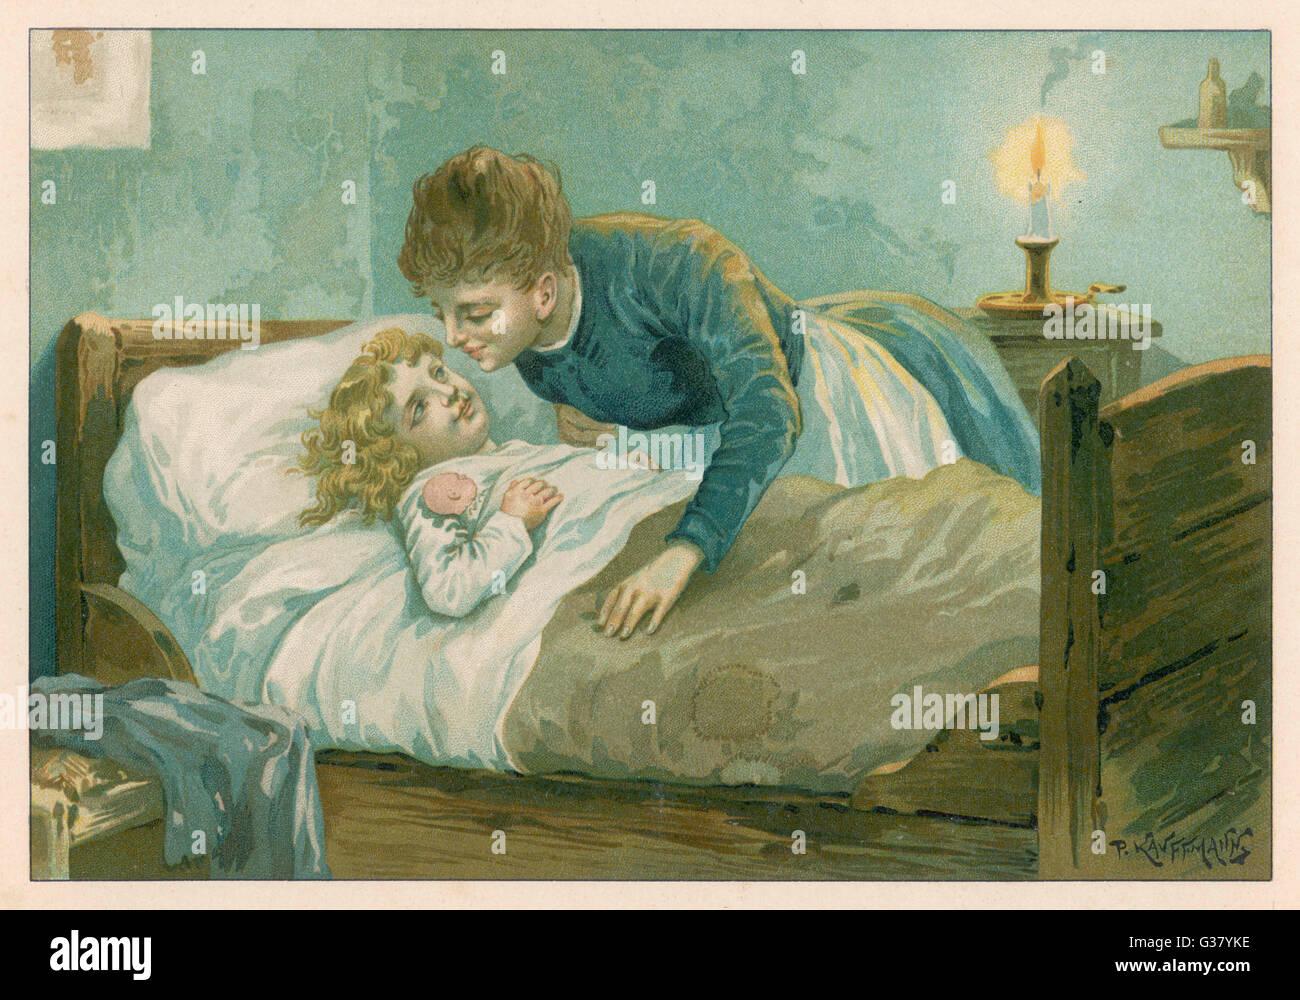 Una madre besa a su niña goodnight Fecha: circa 1890 Imagen De Stock